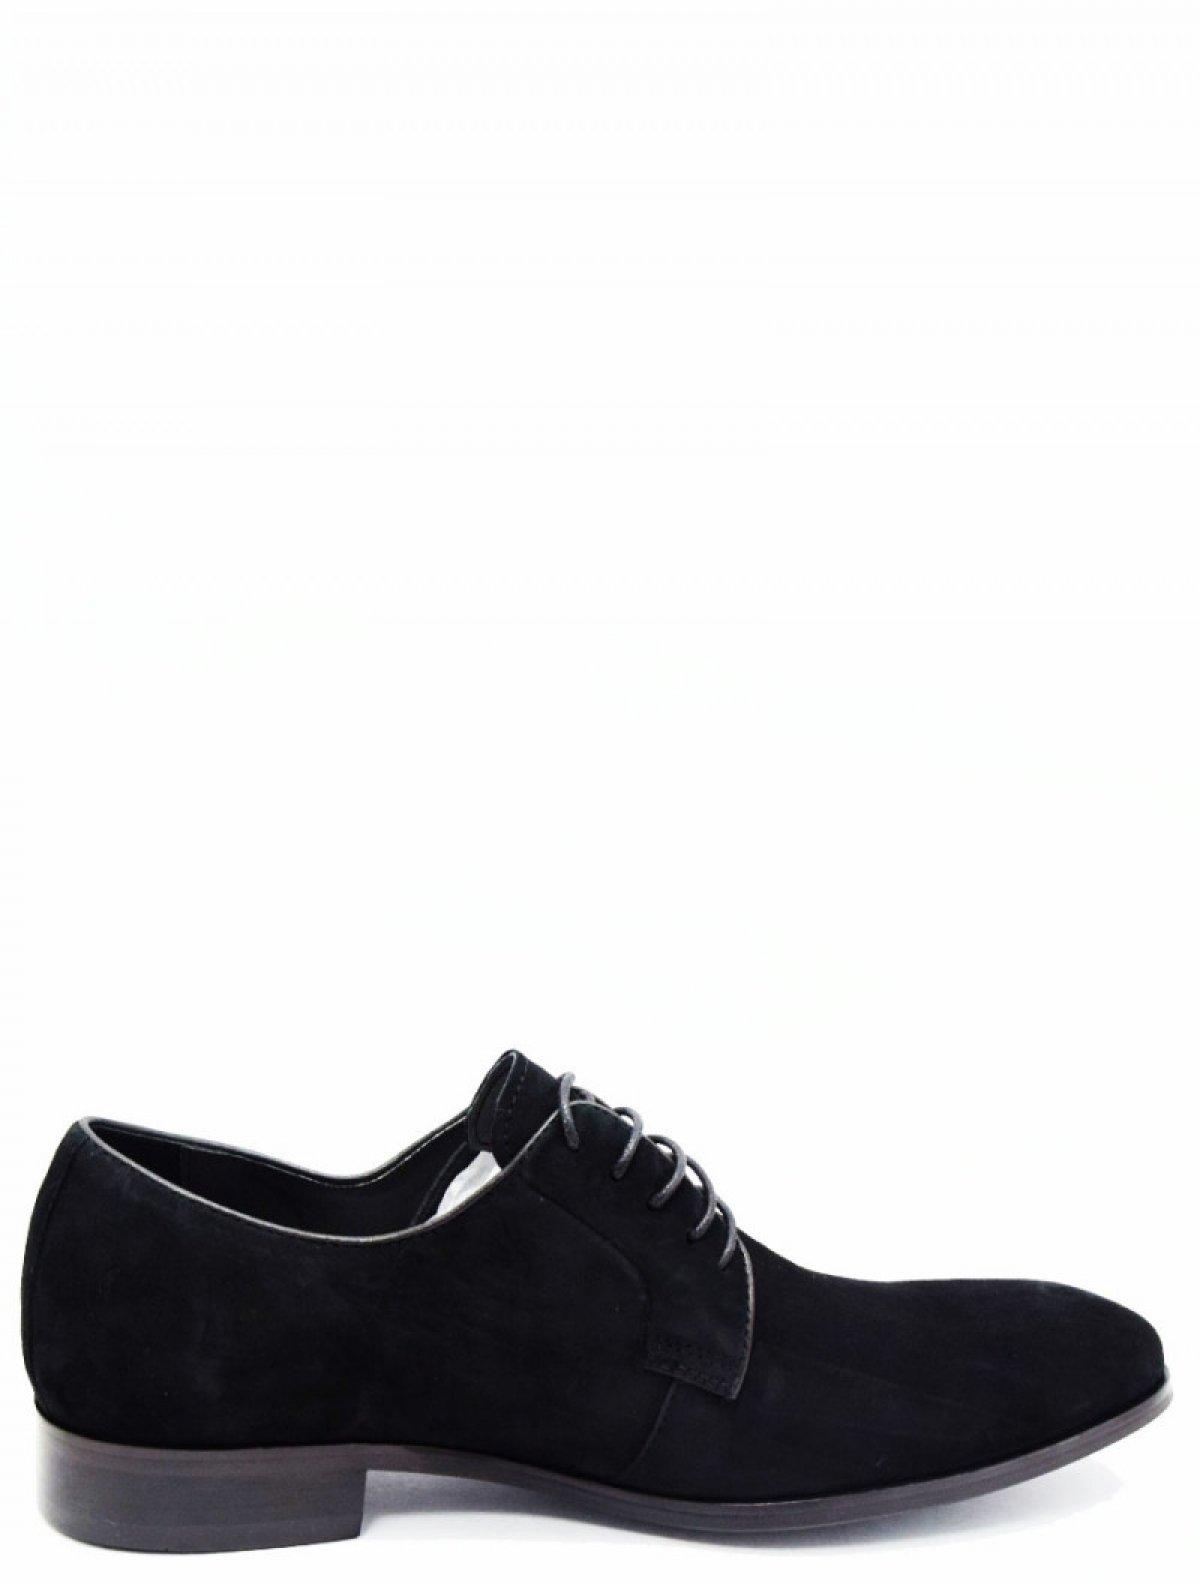 Respect SS83-106432 мужские туфли